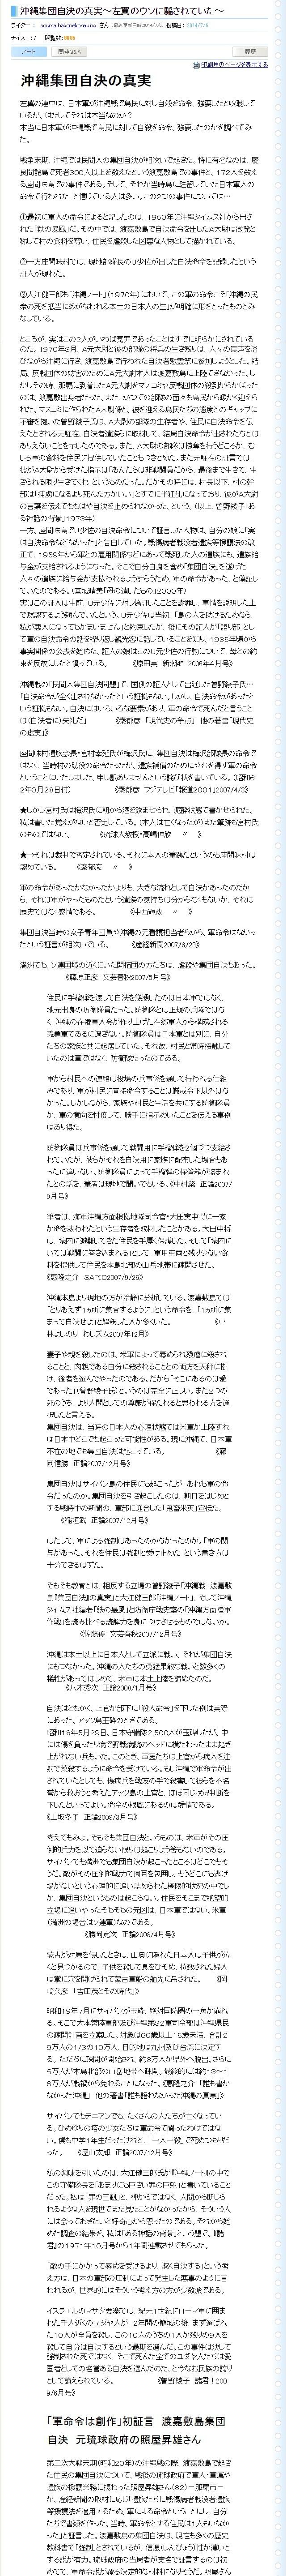 本土と沖縄県民の溝を深める為のプロパガンダ放送するNHKのウソを暴く4